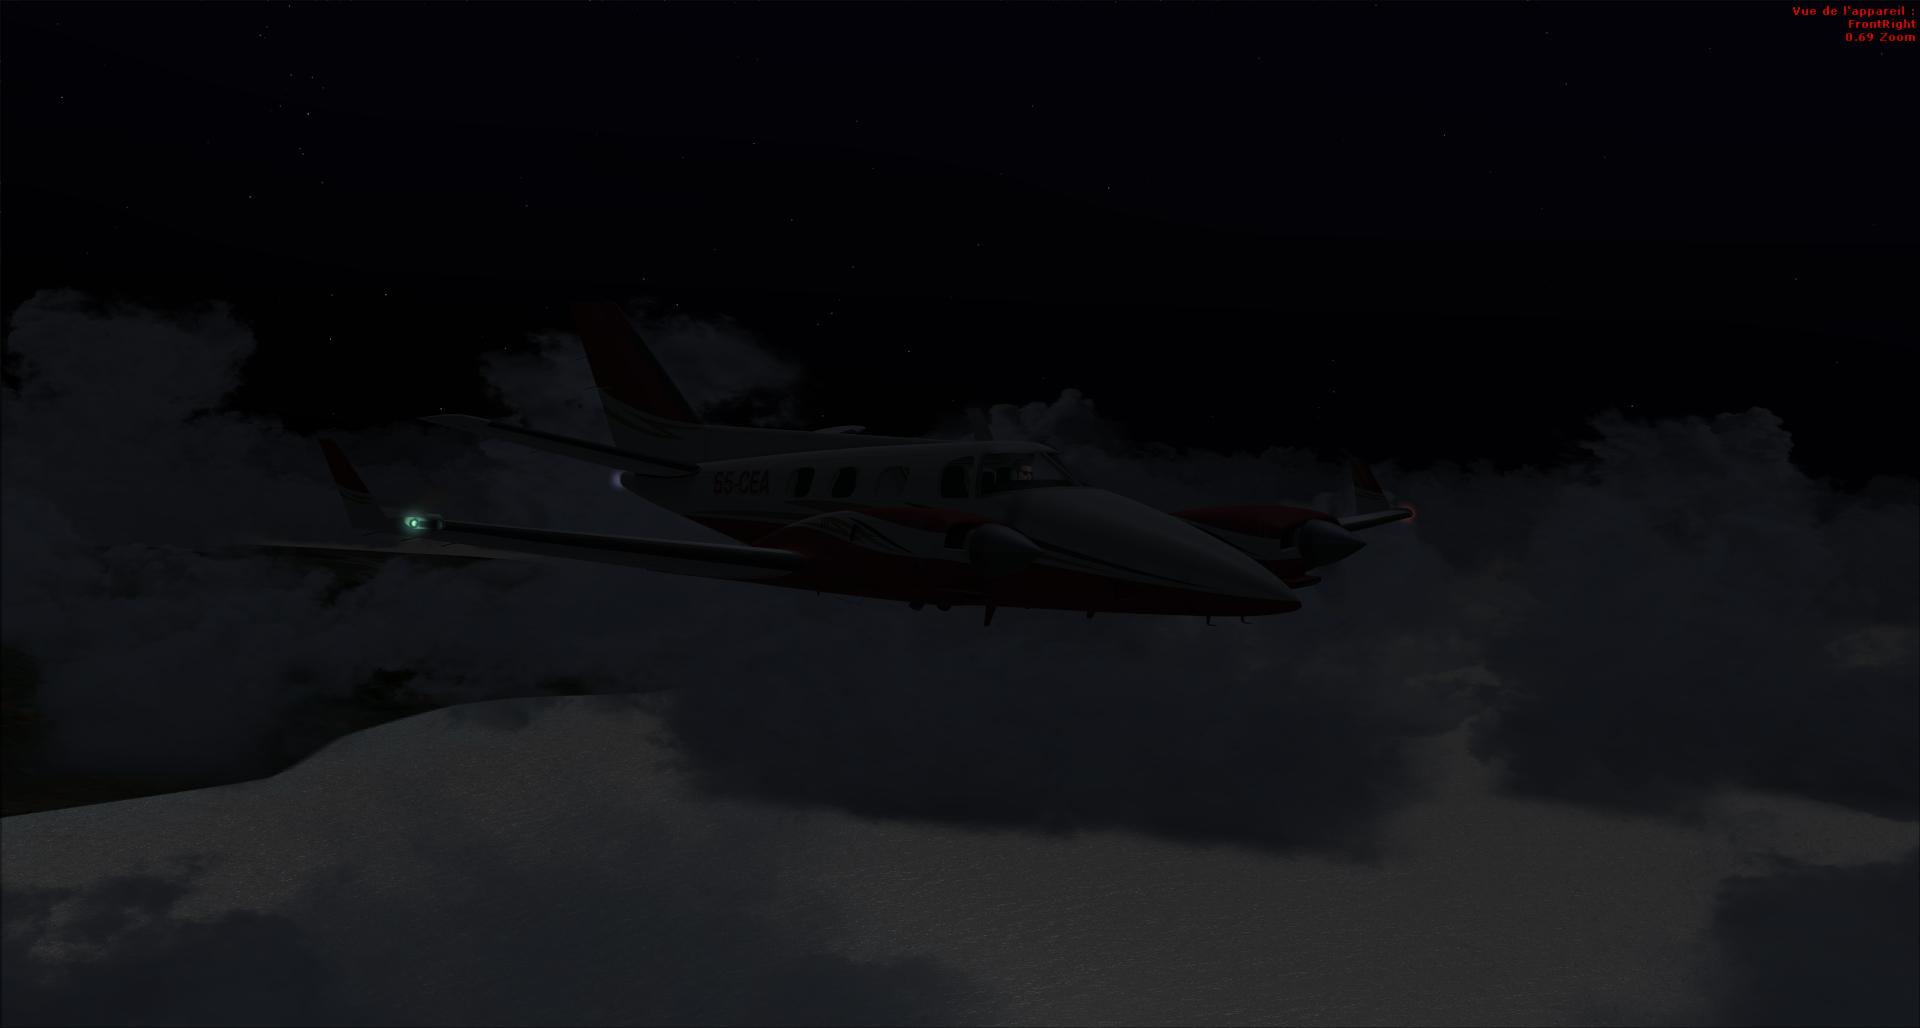 compte rendu du vol Si l'eau t'envahit, rejoins-nous ! 502468201447102134365